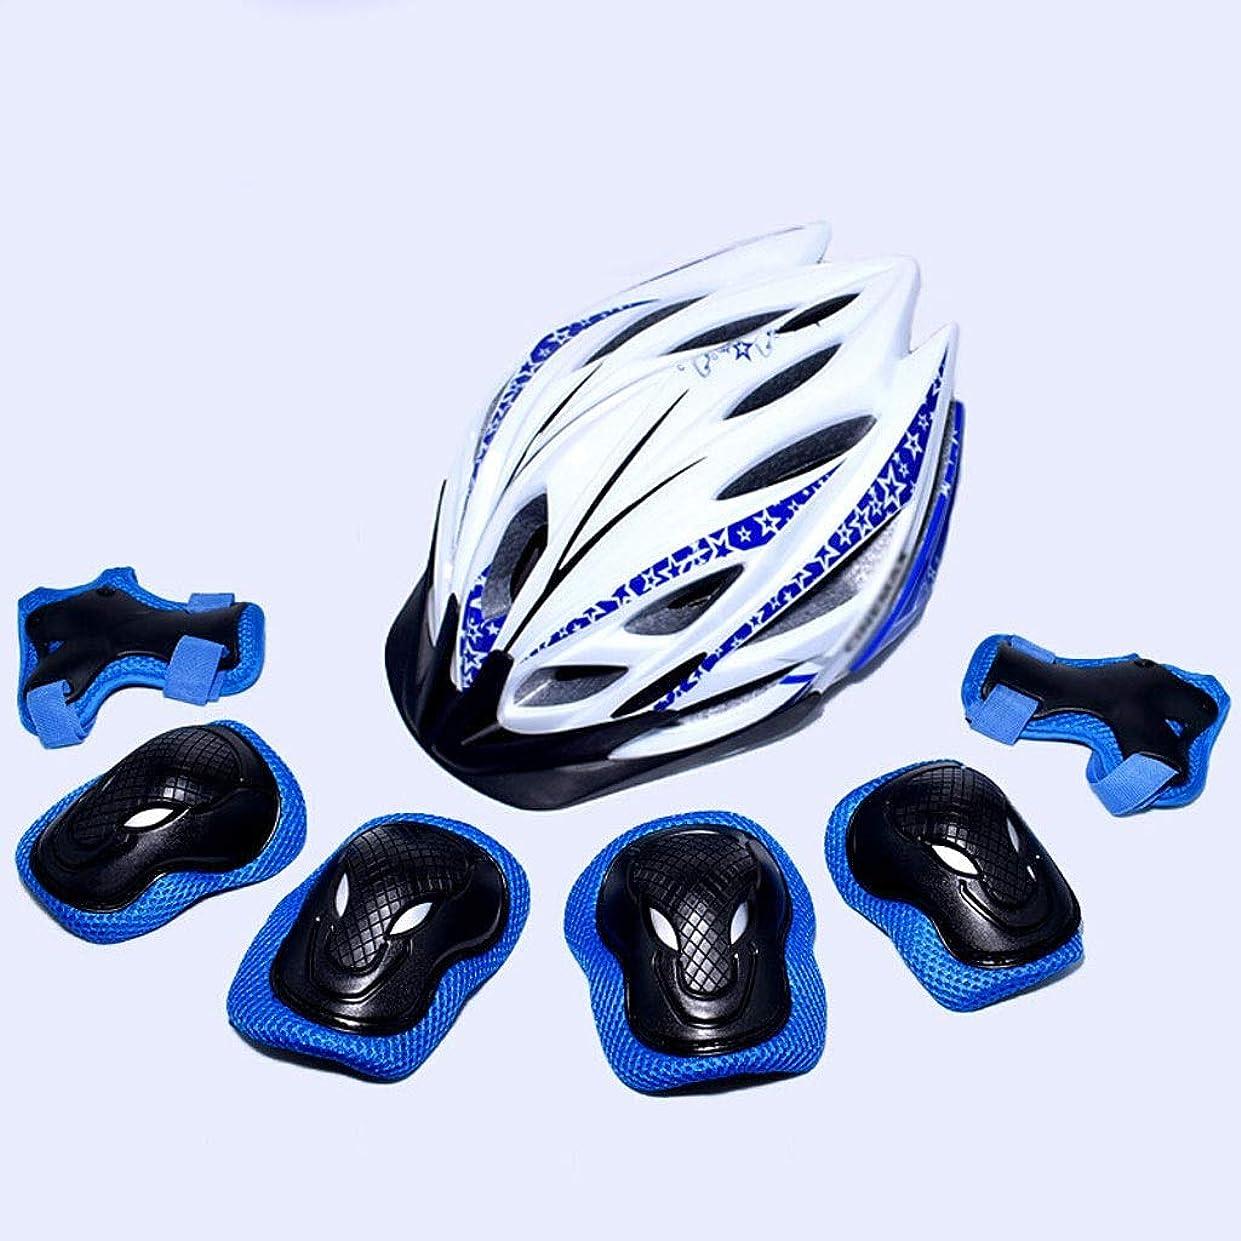 ベスト恋人職業子供/若者膝パッド肘パッドプロテクターセットかっこ幼児用アウトドアサイクリングスポーツ (Color : Blue, Size : S)